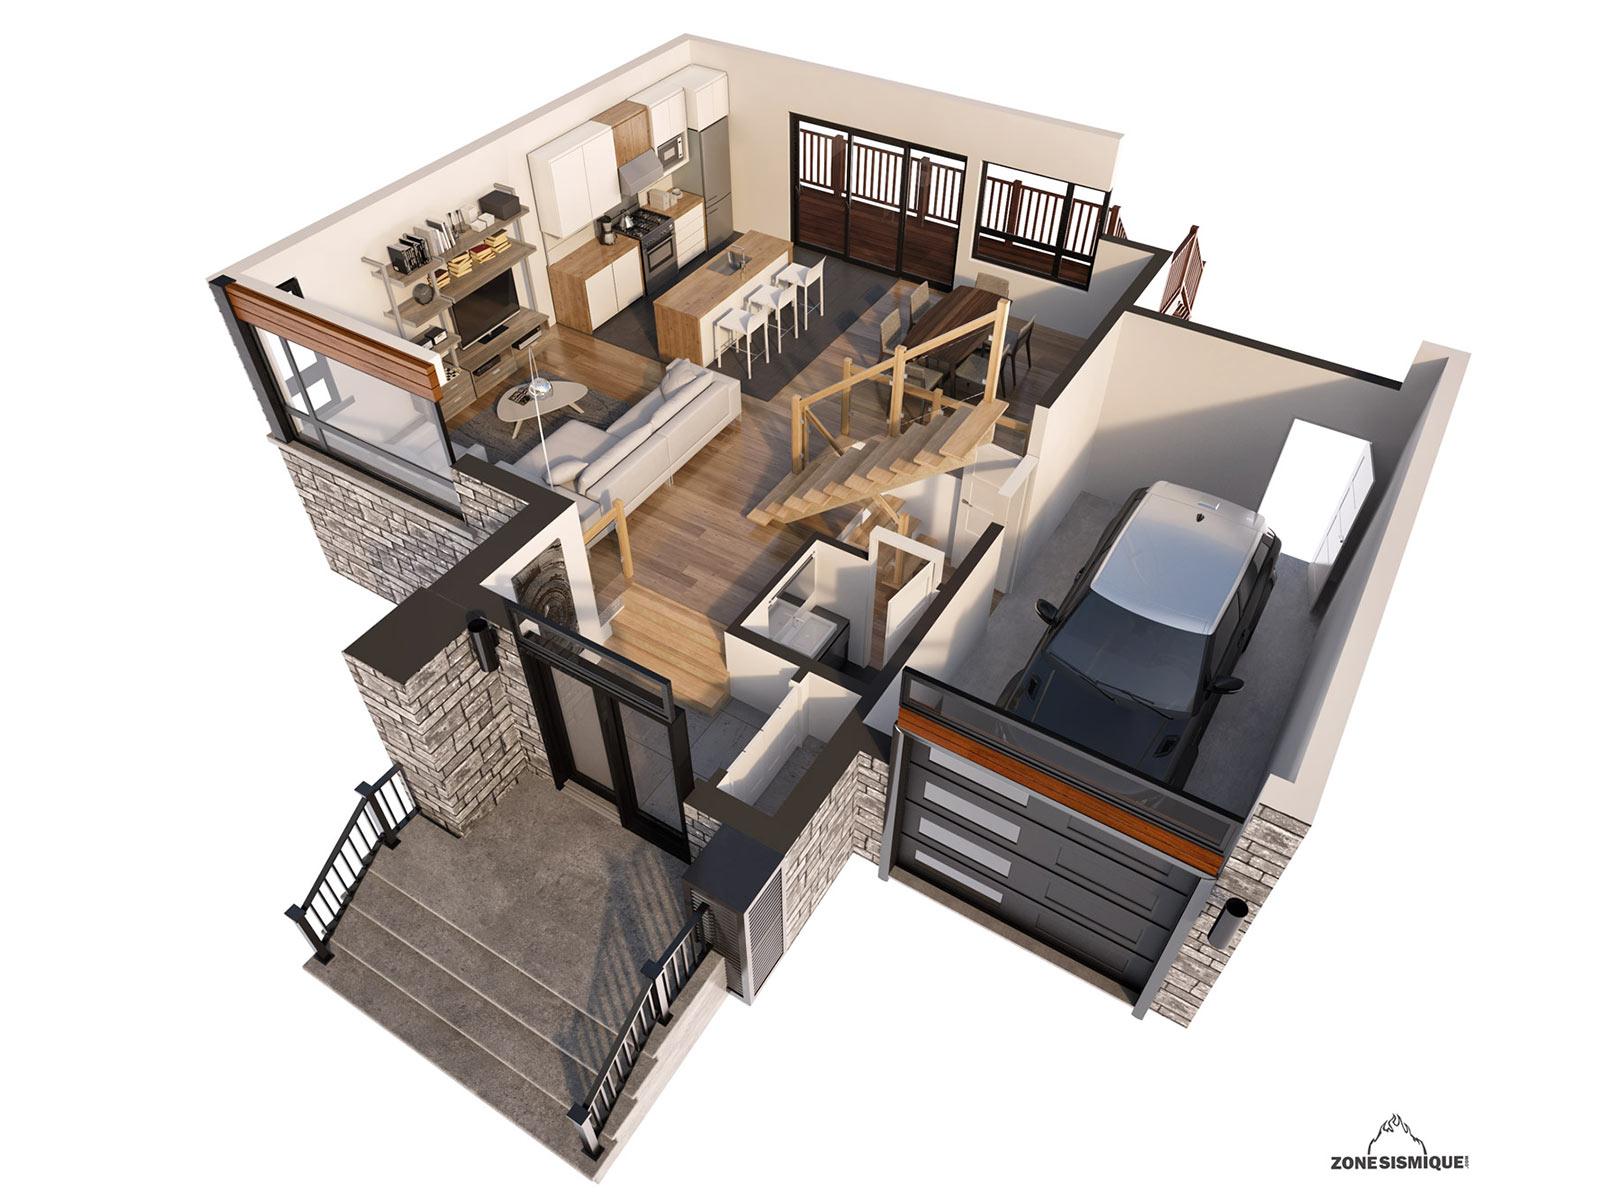 projet maison good projet maison plain pied de maisons. Black Bedroom Furniture Sets. Home Design Ideas